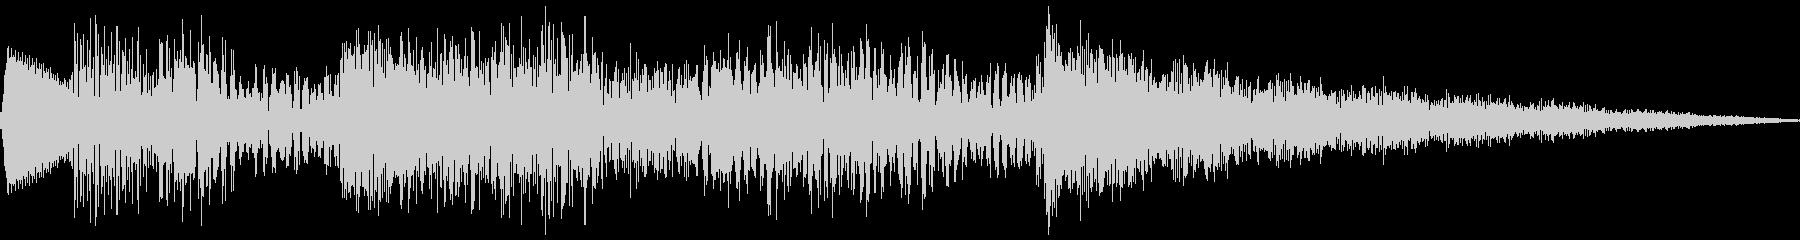 タンブリングノートロゴの未再生の波形